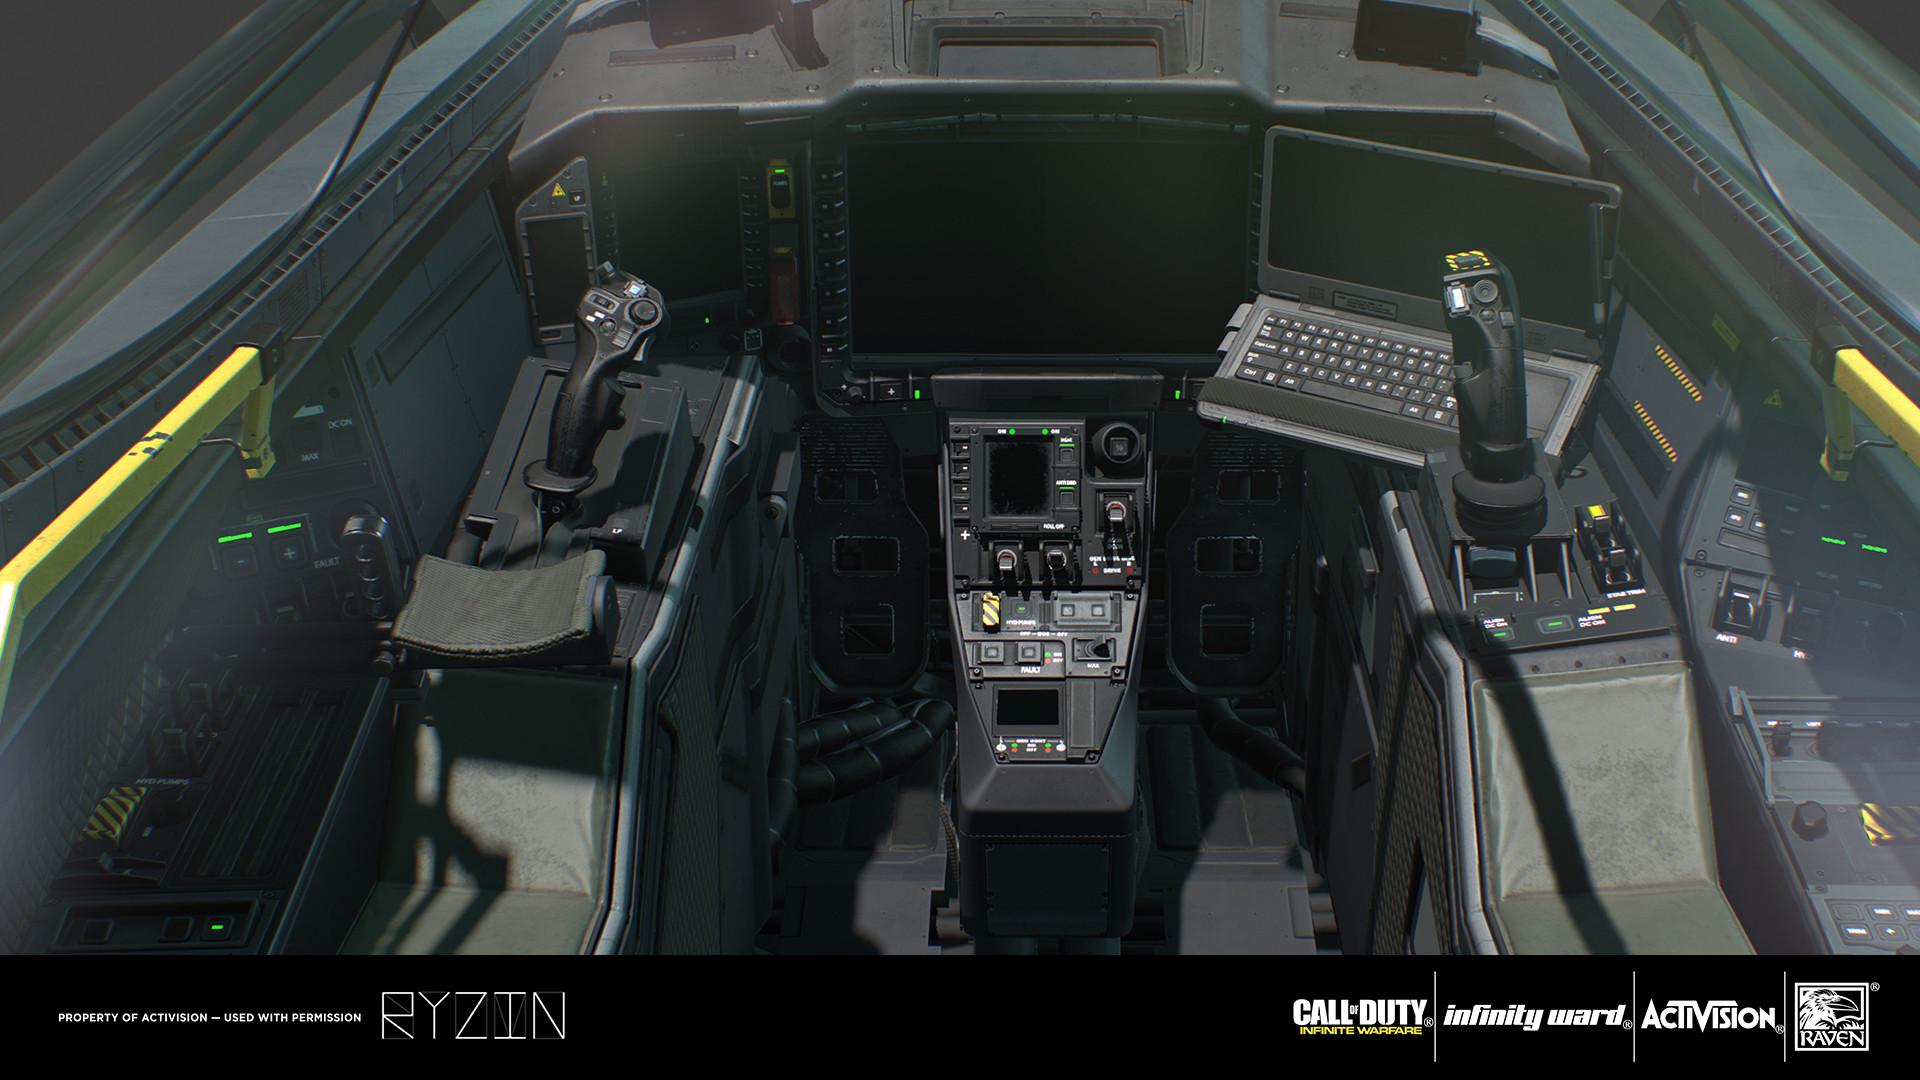 Henrique lopes cockpit04